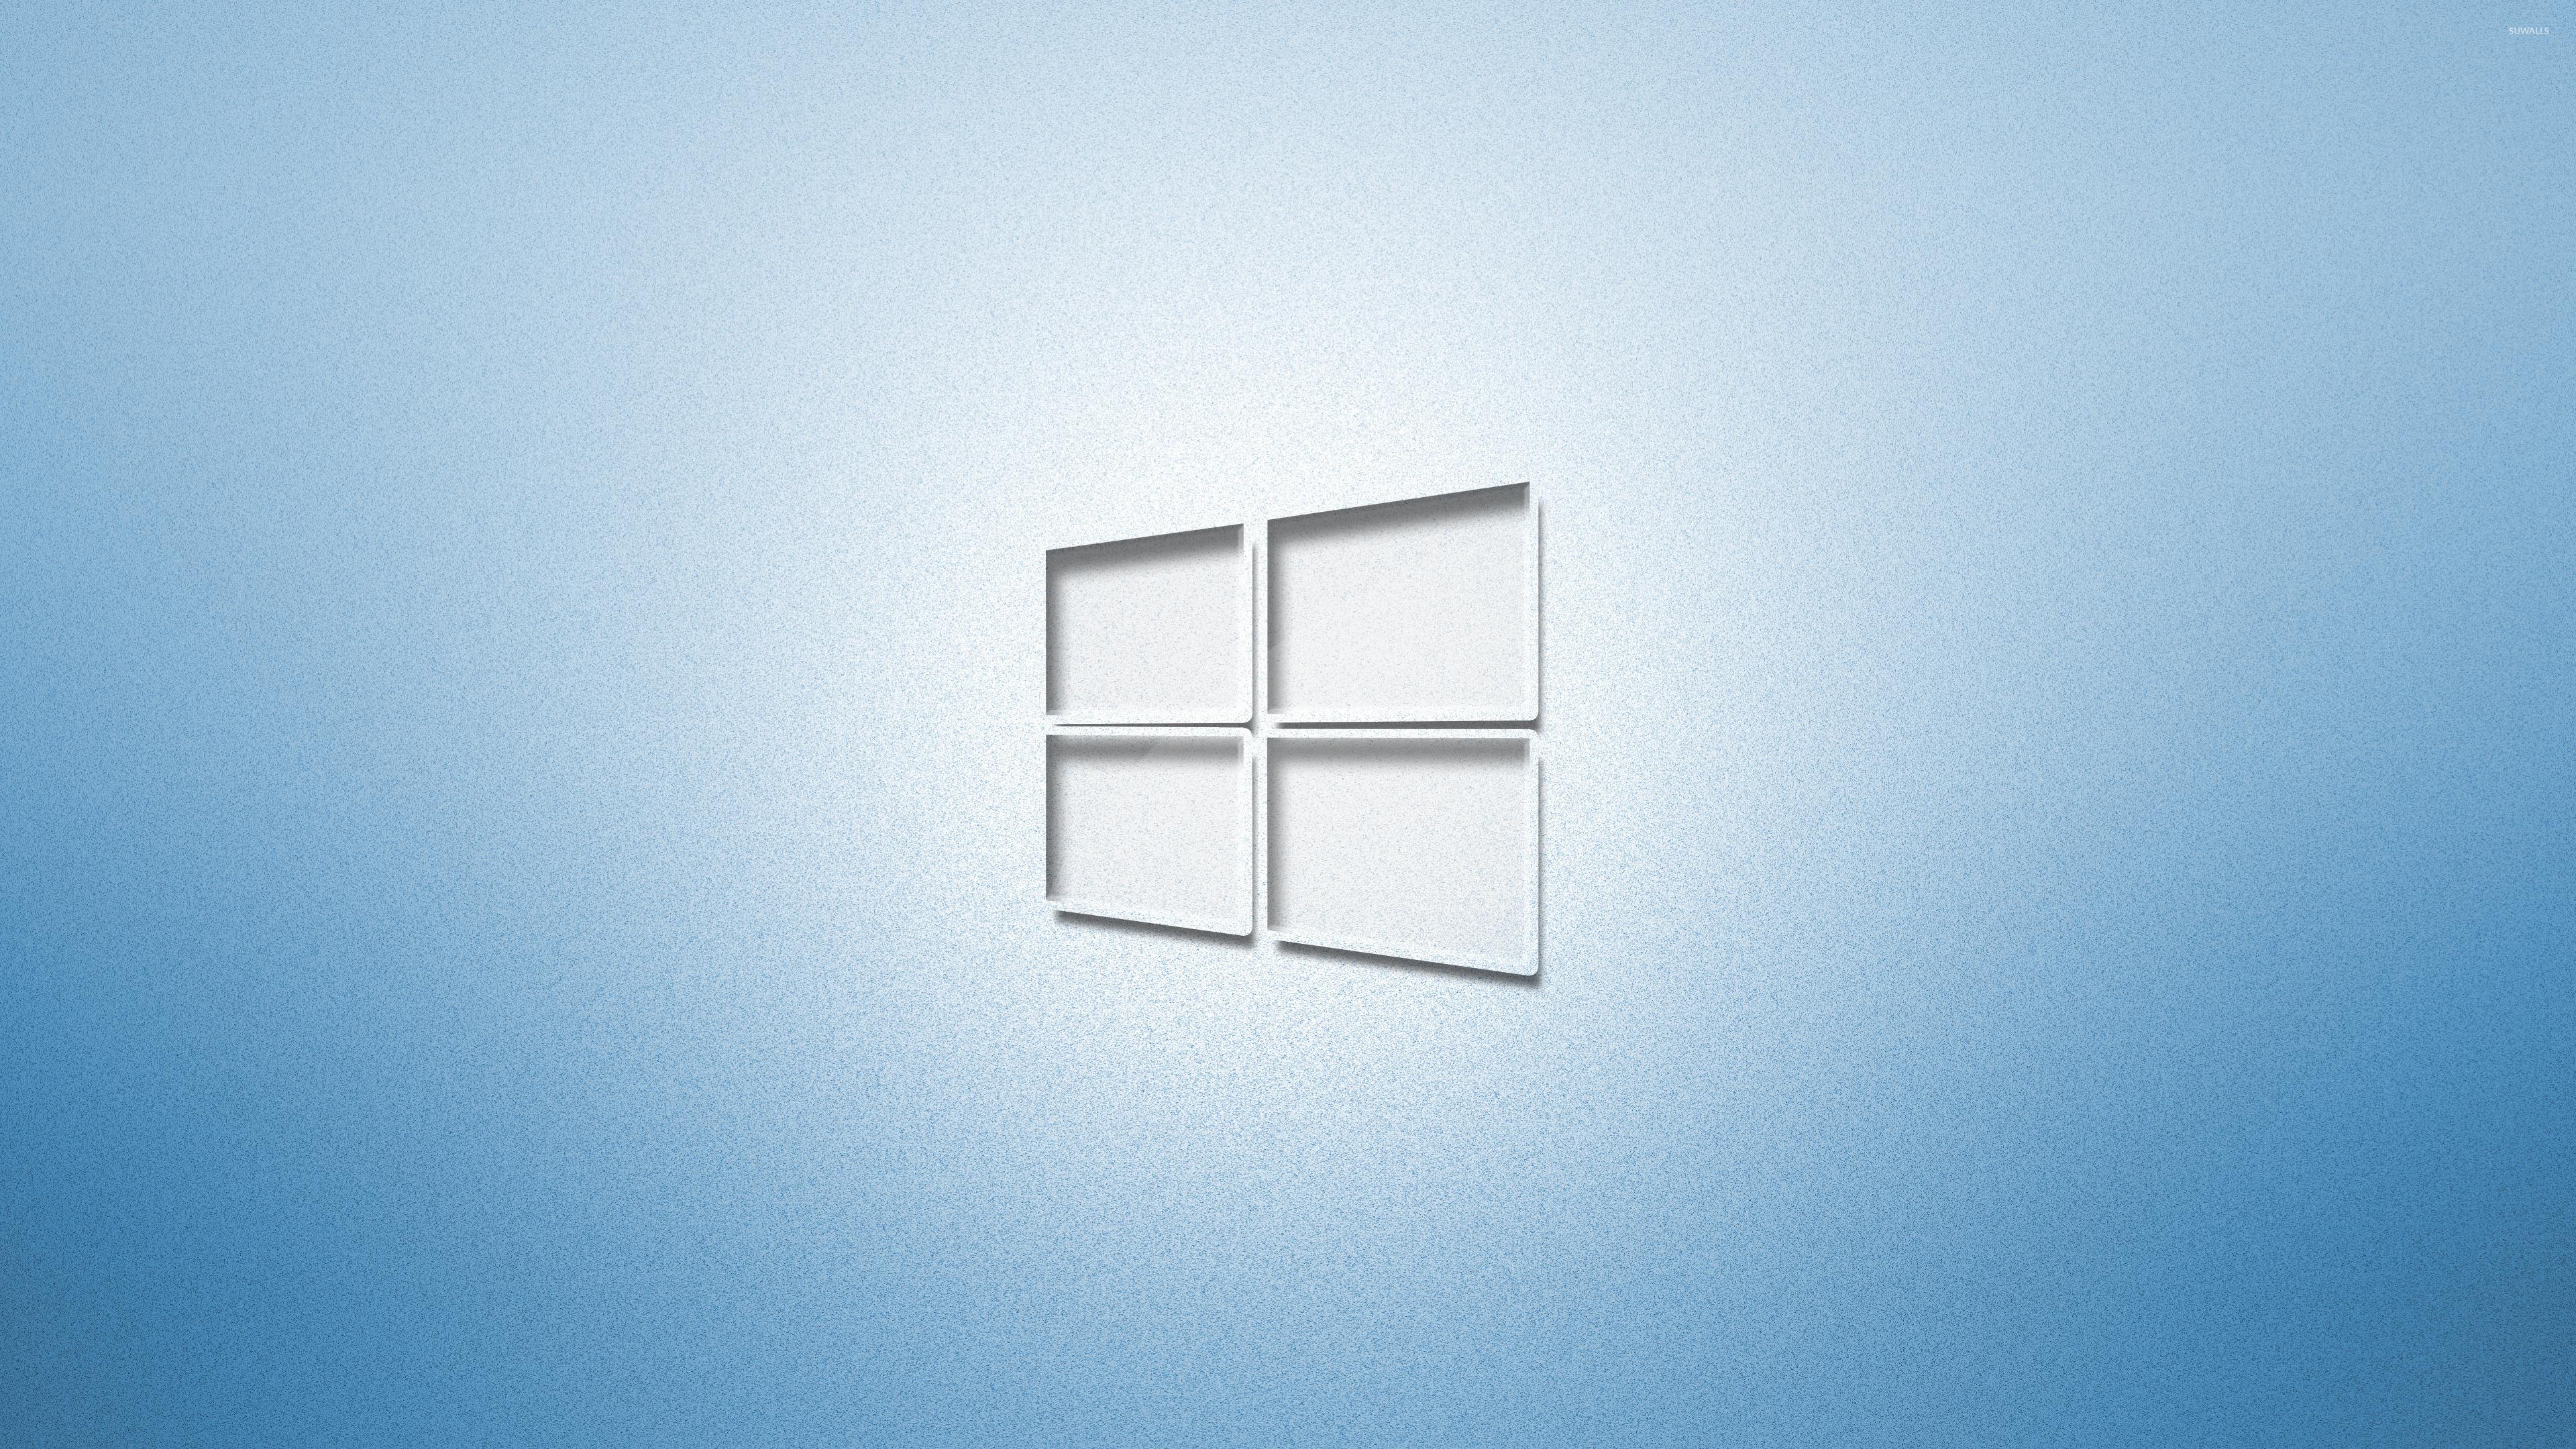 Glass Windows 10 Wallpaper : Glass windows on light blue wallpaper computer